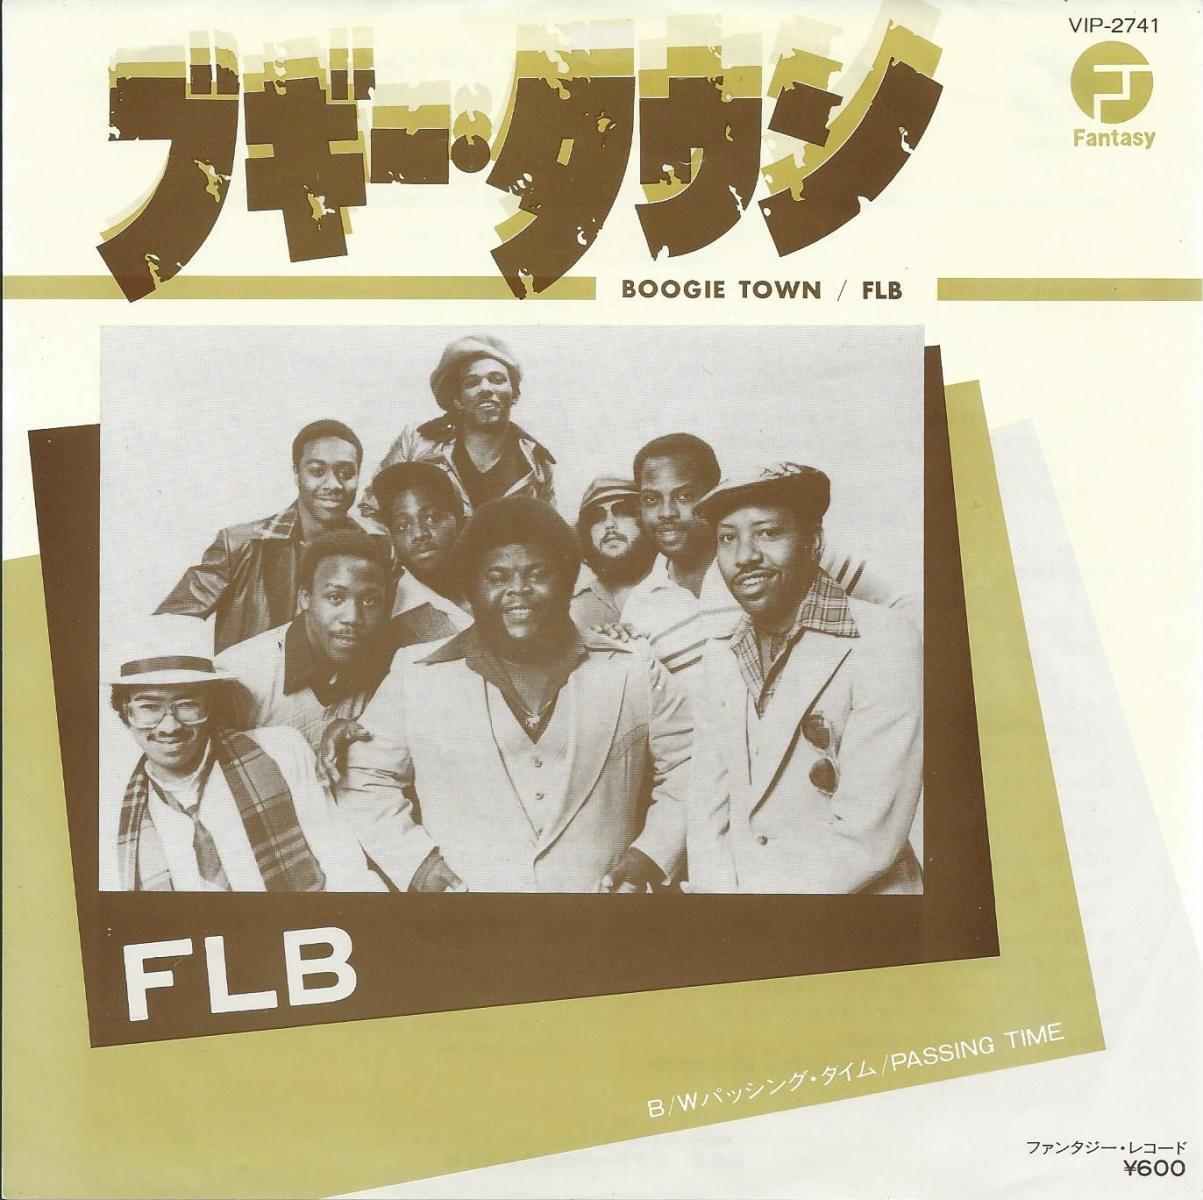 ファット・ラリーズ・バンド FLB (FAT LARRY'S BAND) / ブギー・タウン BOOGIE TOWN / パッシング・タイム PASSING TIME (7